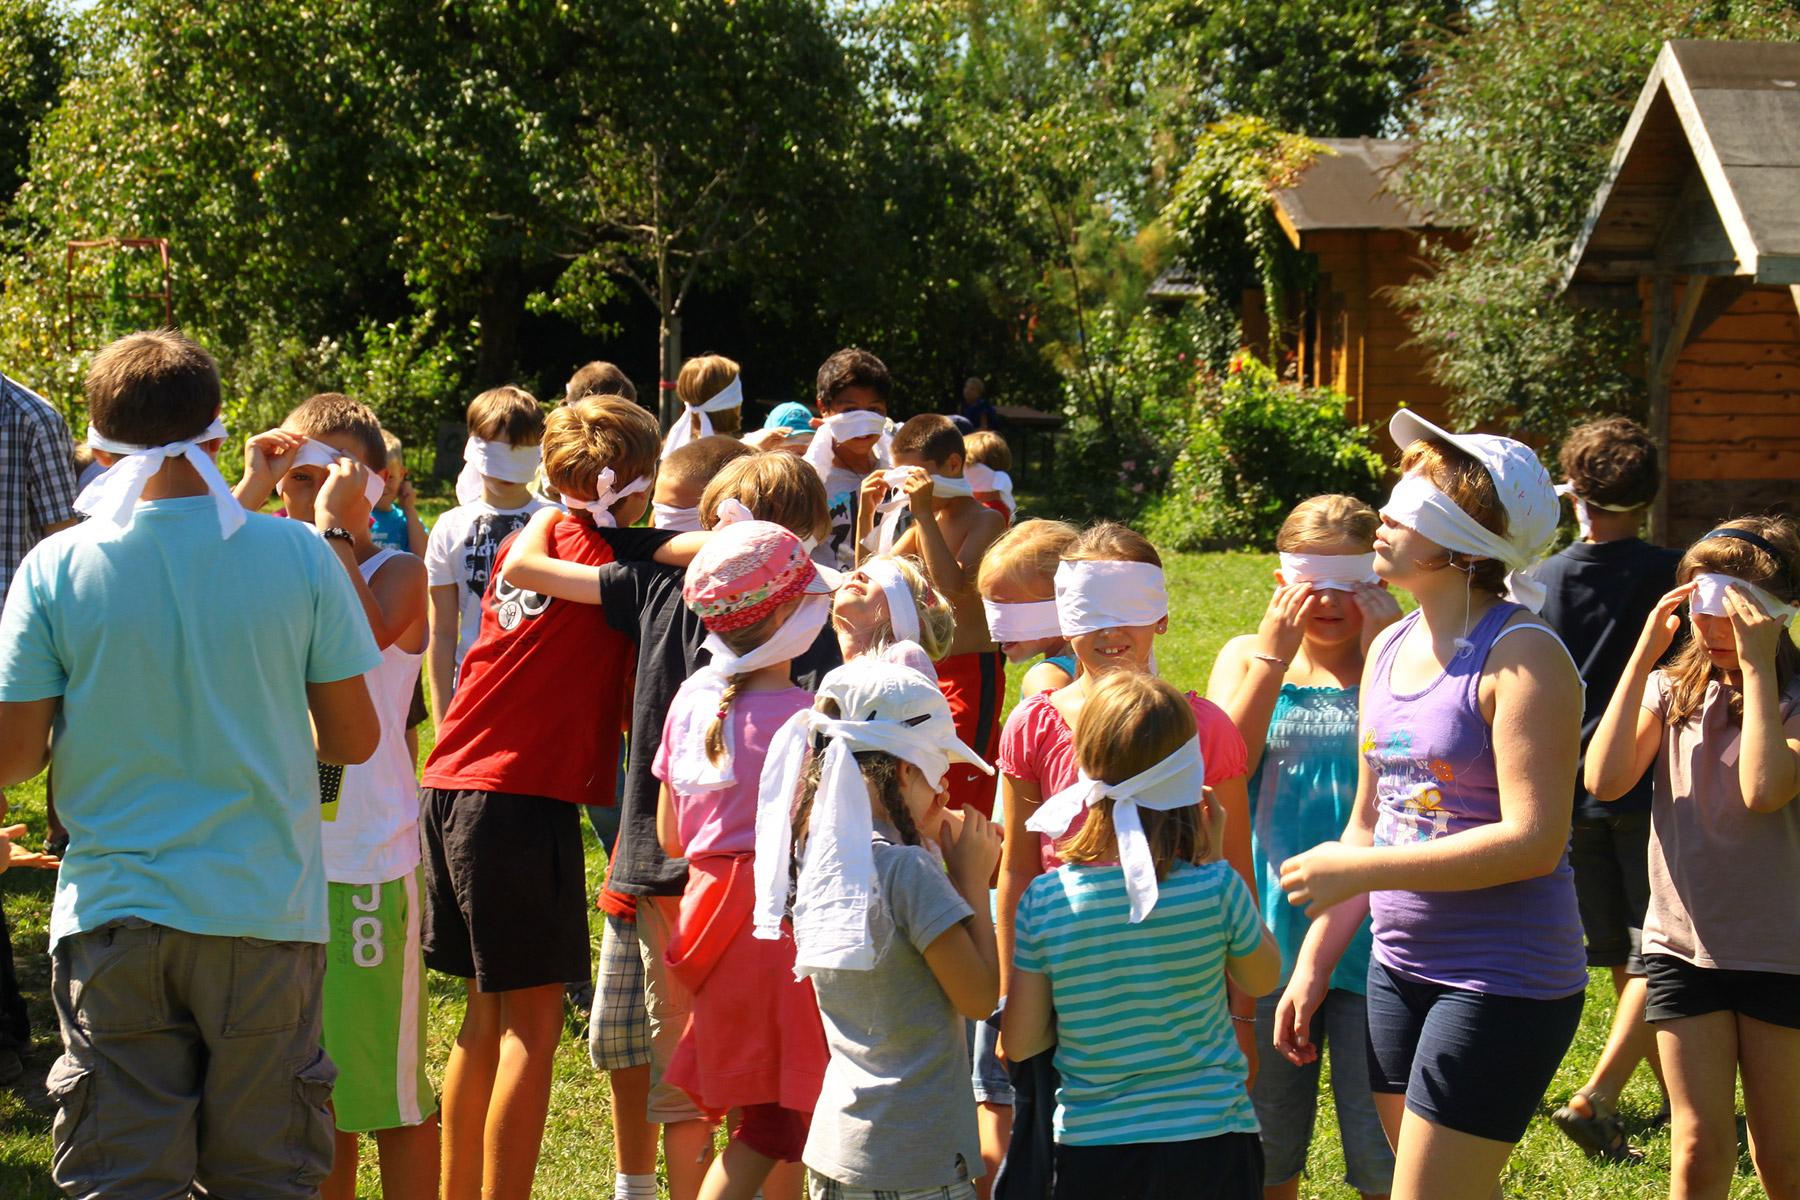 Kinder spielen in der Dieter-Kaltenbach-Stiftung